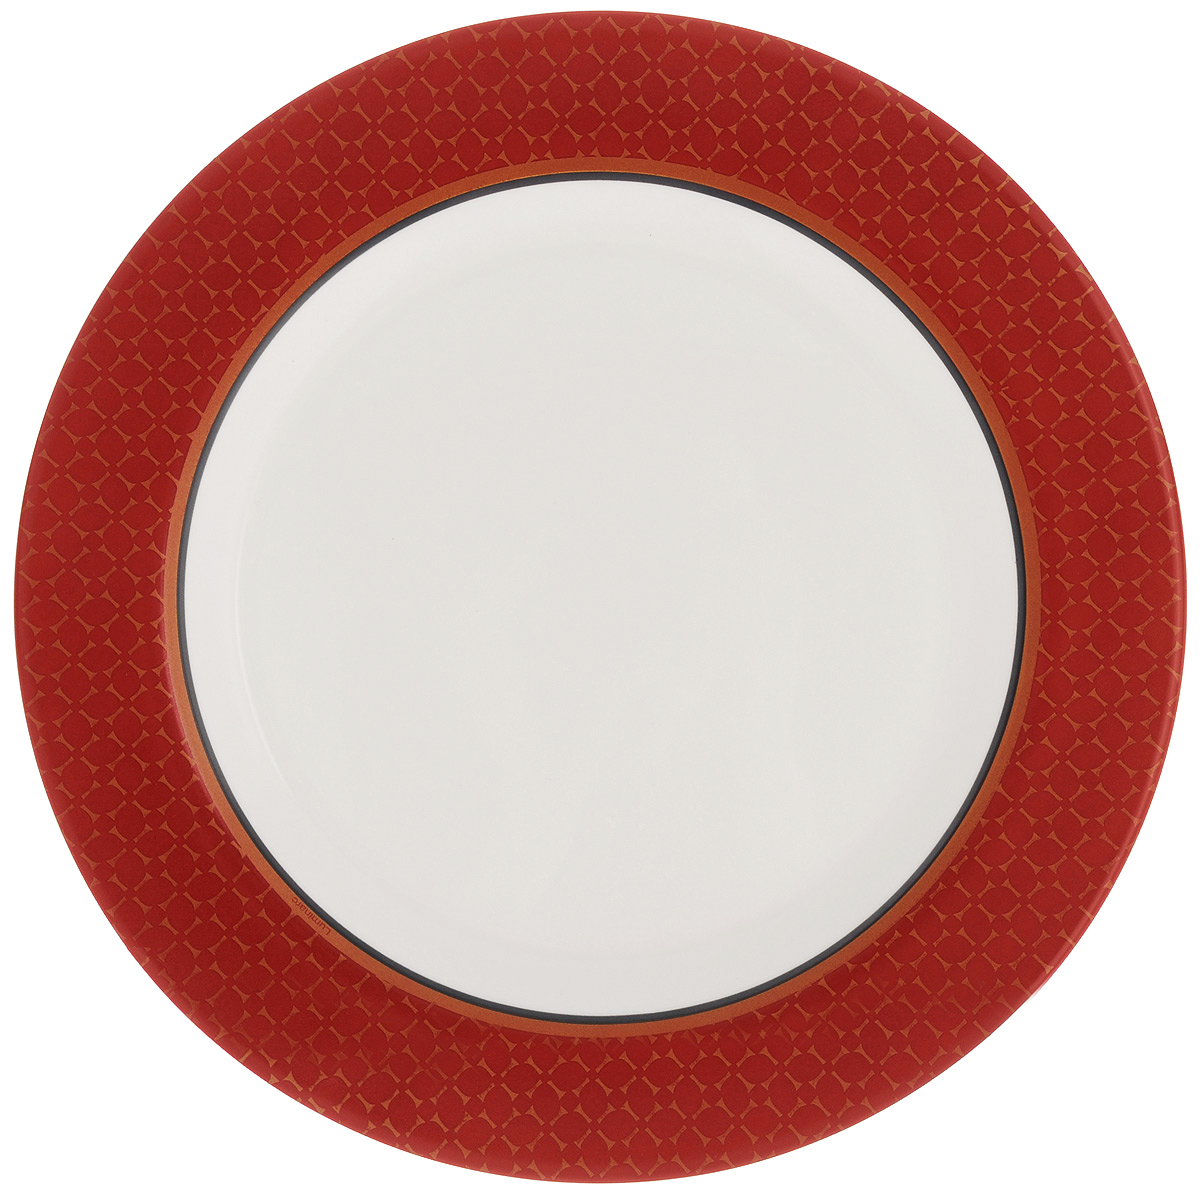 Тарелка обеденная Luminarc Alto, диаметр 27,5 см115510Обеденная тарелка Luminarc Alto, изготовленная из высококачественного стекла, имеет изысканный внешний вид. Яркий дизайн придется по вкусу и ценителям классики, и тем, кто предпочитает утонченность. Тарелка Luminarc Alto идеально подойдет для сервировки стола и станет отличным подарком к любому празднику.Диаметр (по верхнему краю): 27,5 см.